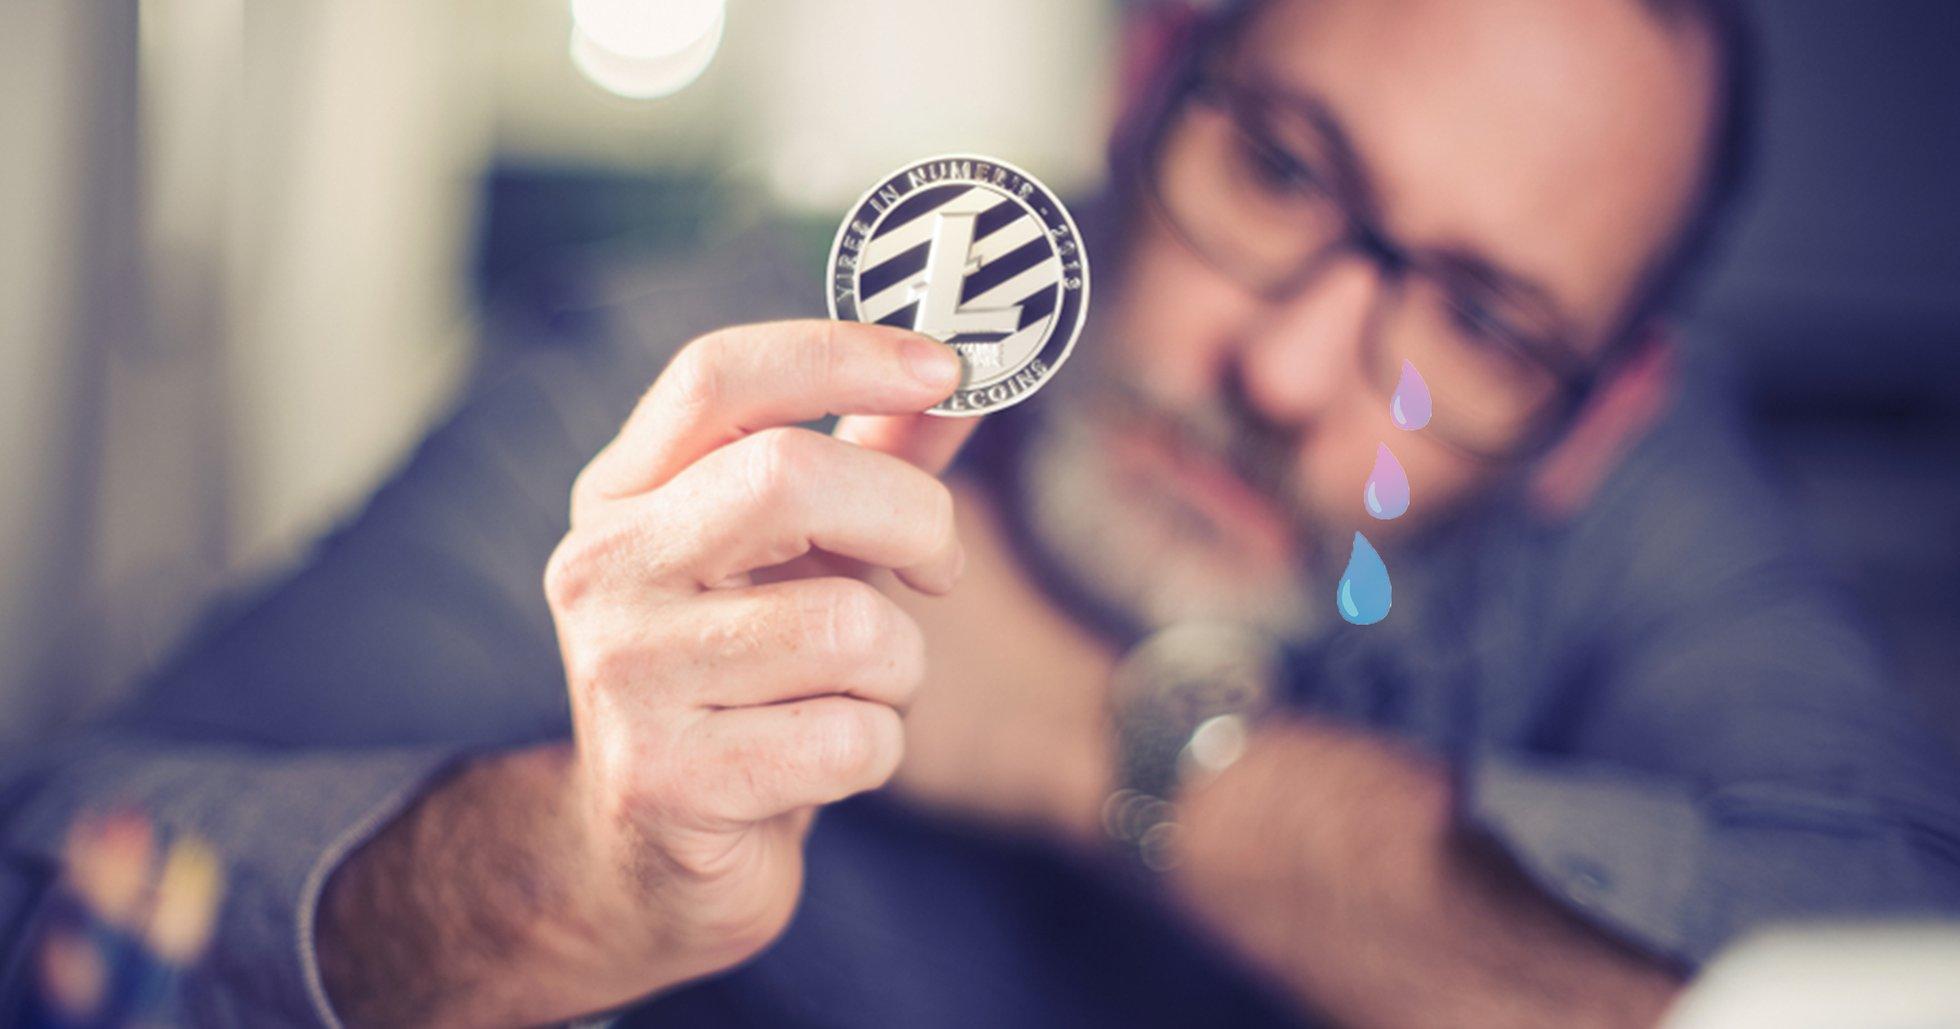 Trots halvering – ingen jätteökning för litecoin